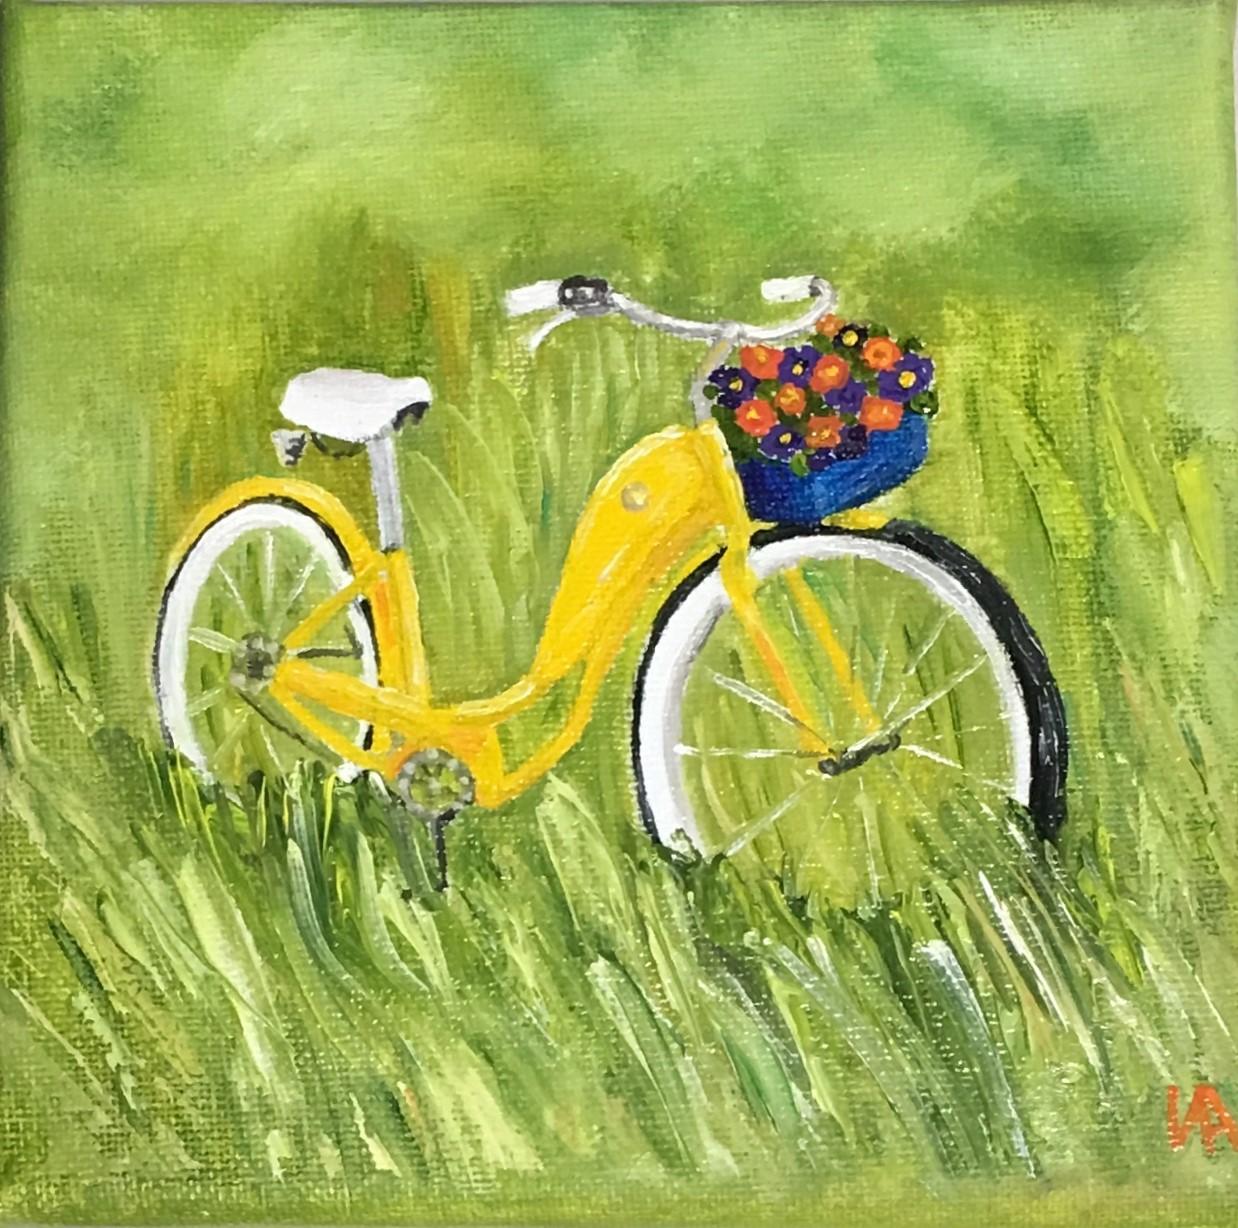 My Deam Bike, 15x15, oil.JPG